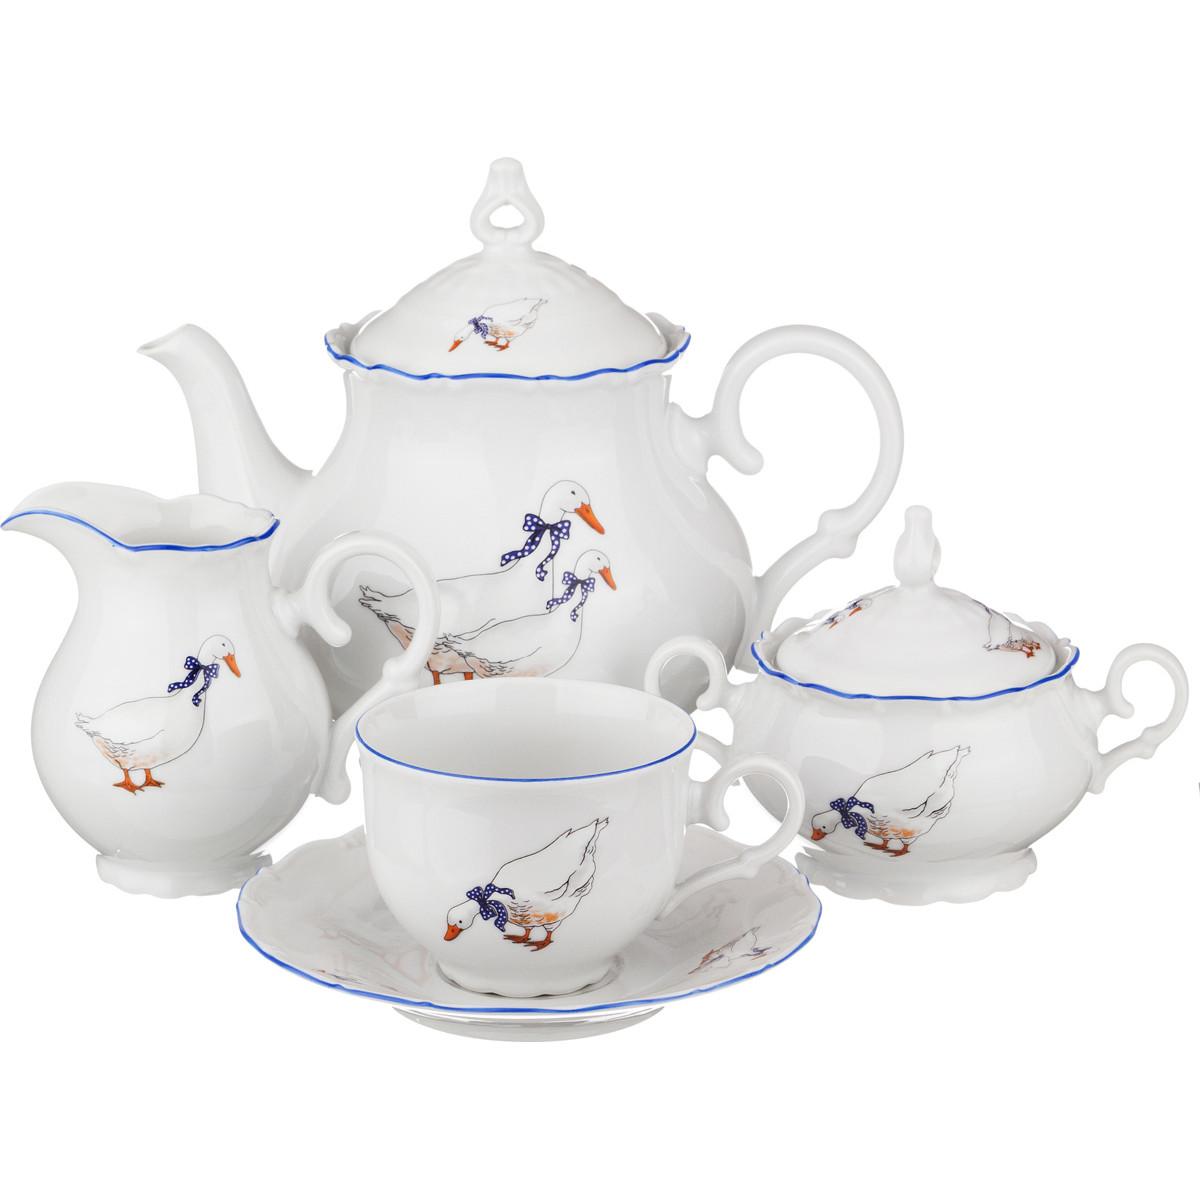 {} M.Z. Сервиз Albasto  (Набор) двойные голубые линии белый фарфор чайный сервиз чайный сервиз чайник чайный сервиз 6 шт